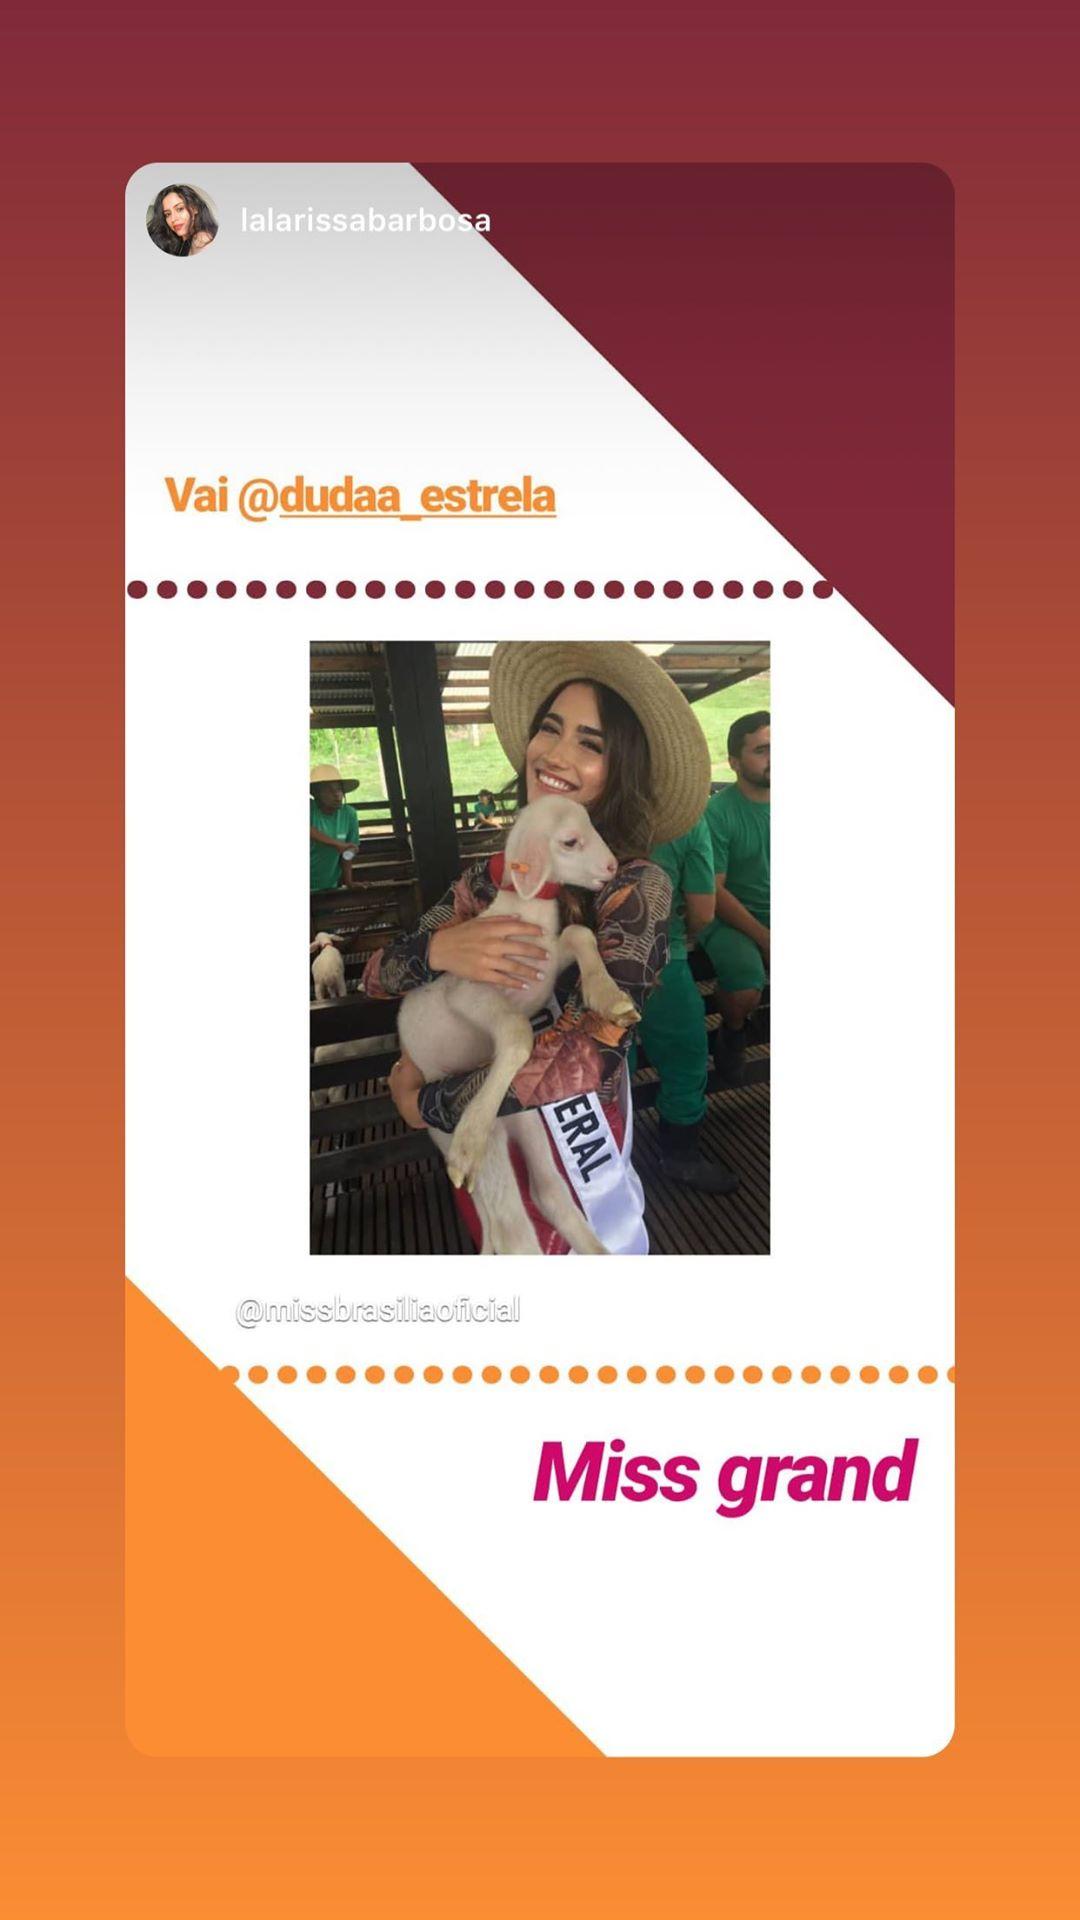 duda estrela, miss grand distrito federal 2020/miss plano piloto mundo 2018.   - Página 4 83096110